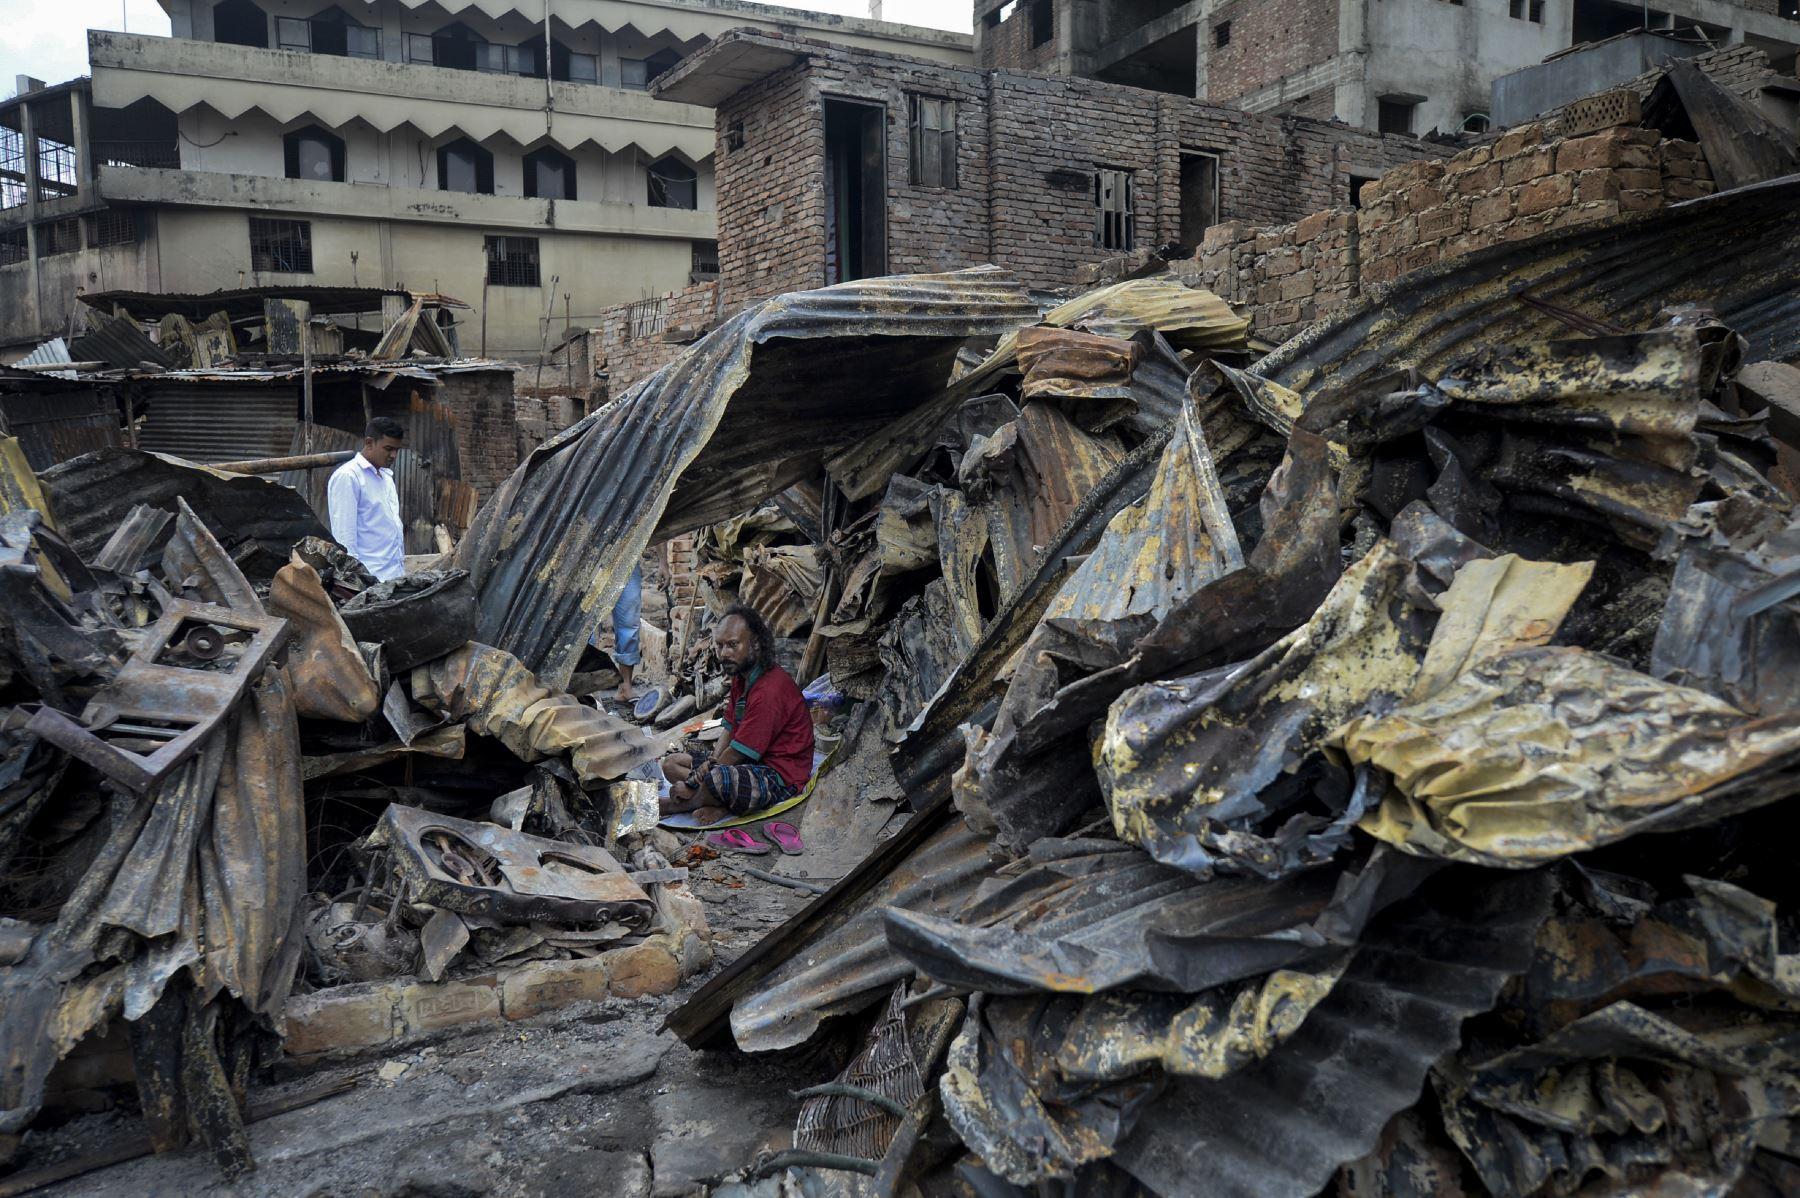 Un residente descansa en un refugio temporal en un barrio pobre en Dhaka, después de que un incendio estalló en  el vecindario de Mirpur en la capital Bangladesh. Foto: AFP